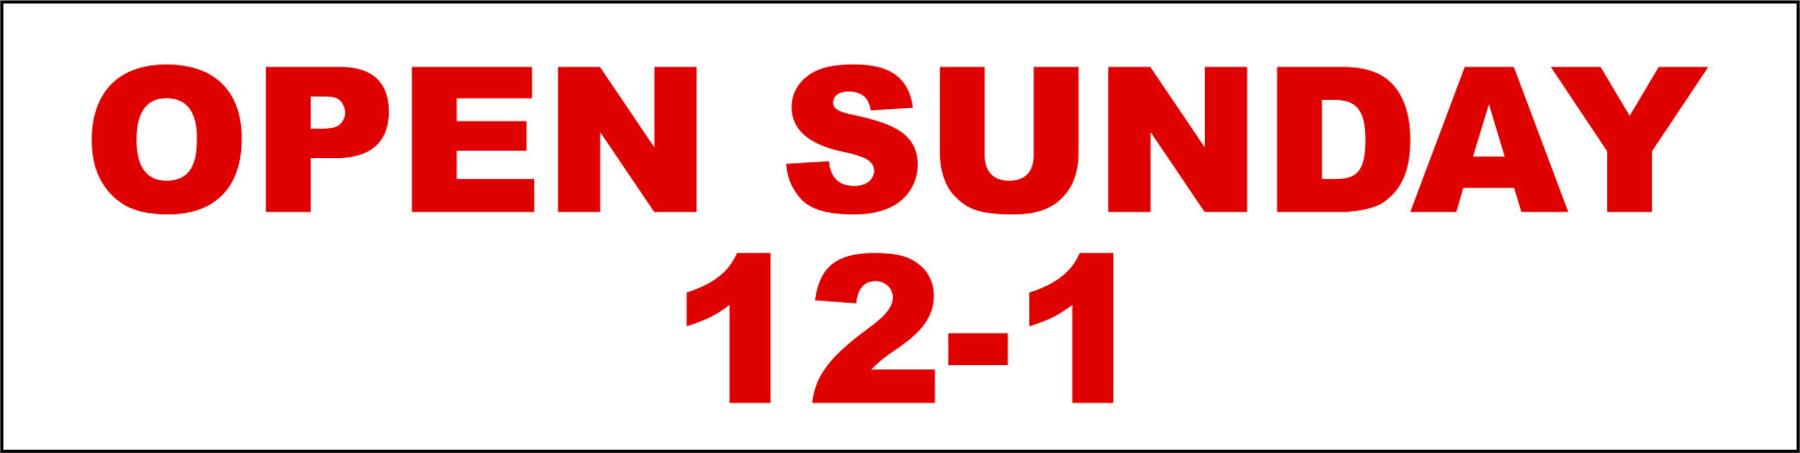 Open Sunday 12-1